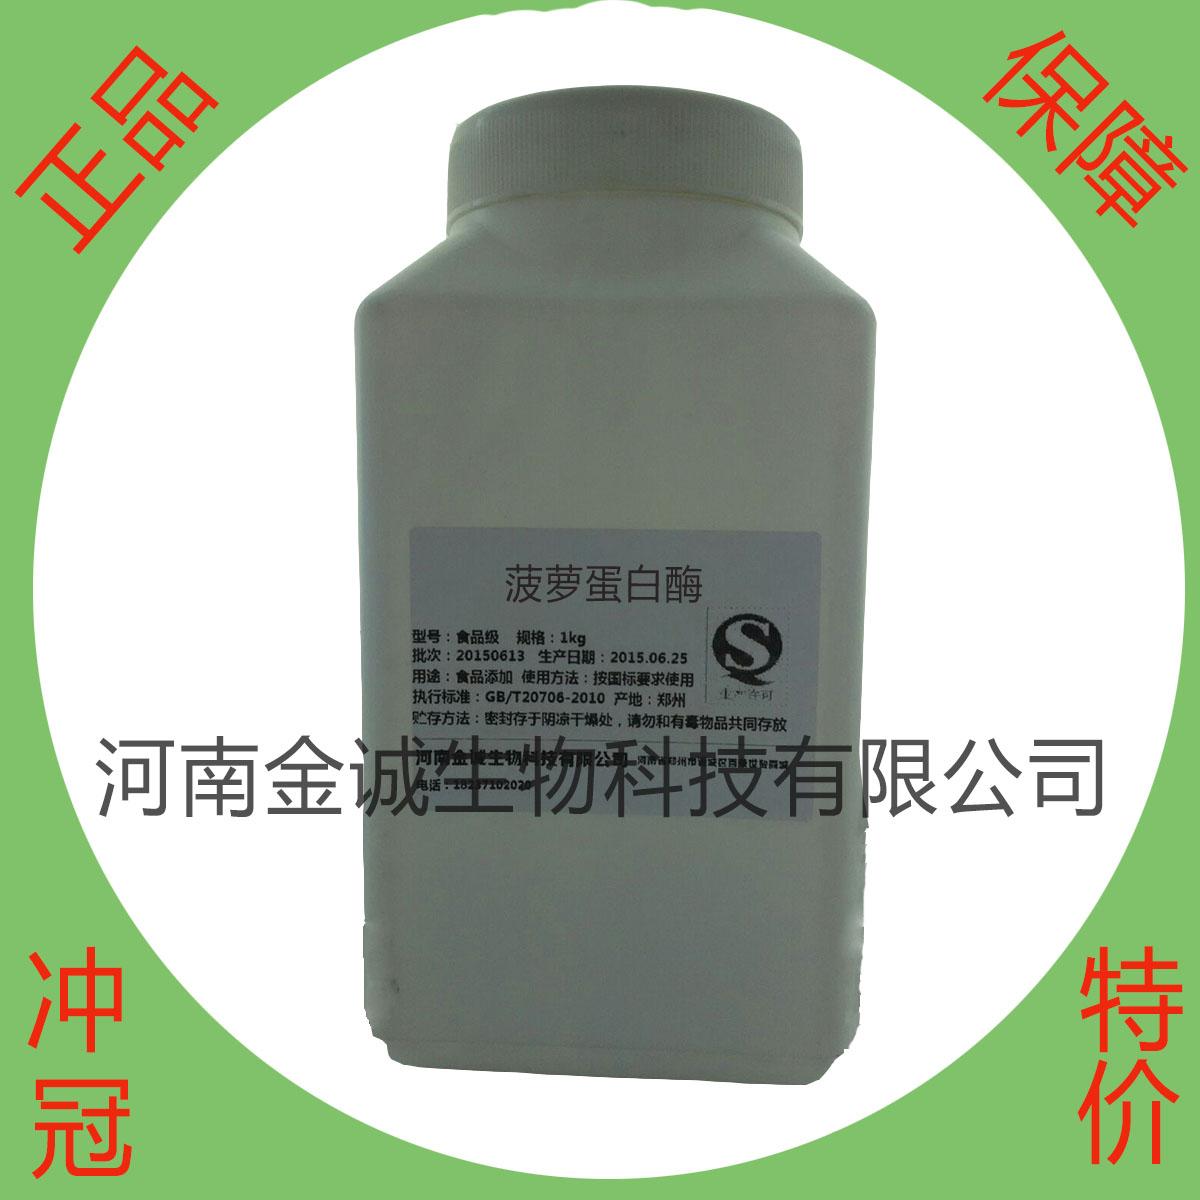 提取菠萝蛋白酶 凤梨酶 凤梨酵素 食品酵素酶肉类嫩化 1kg